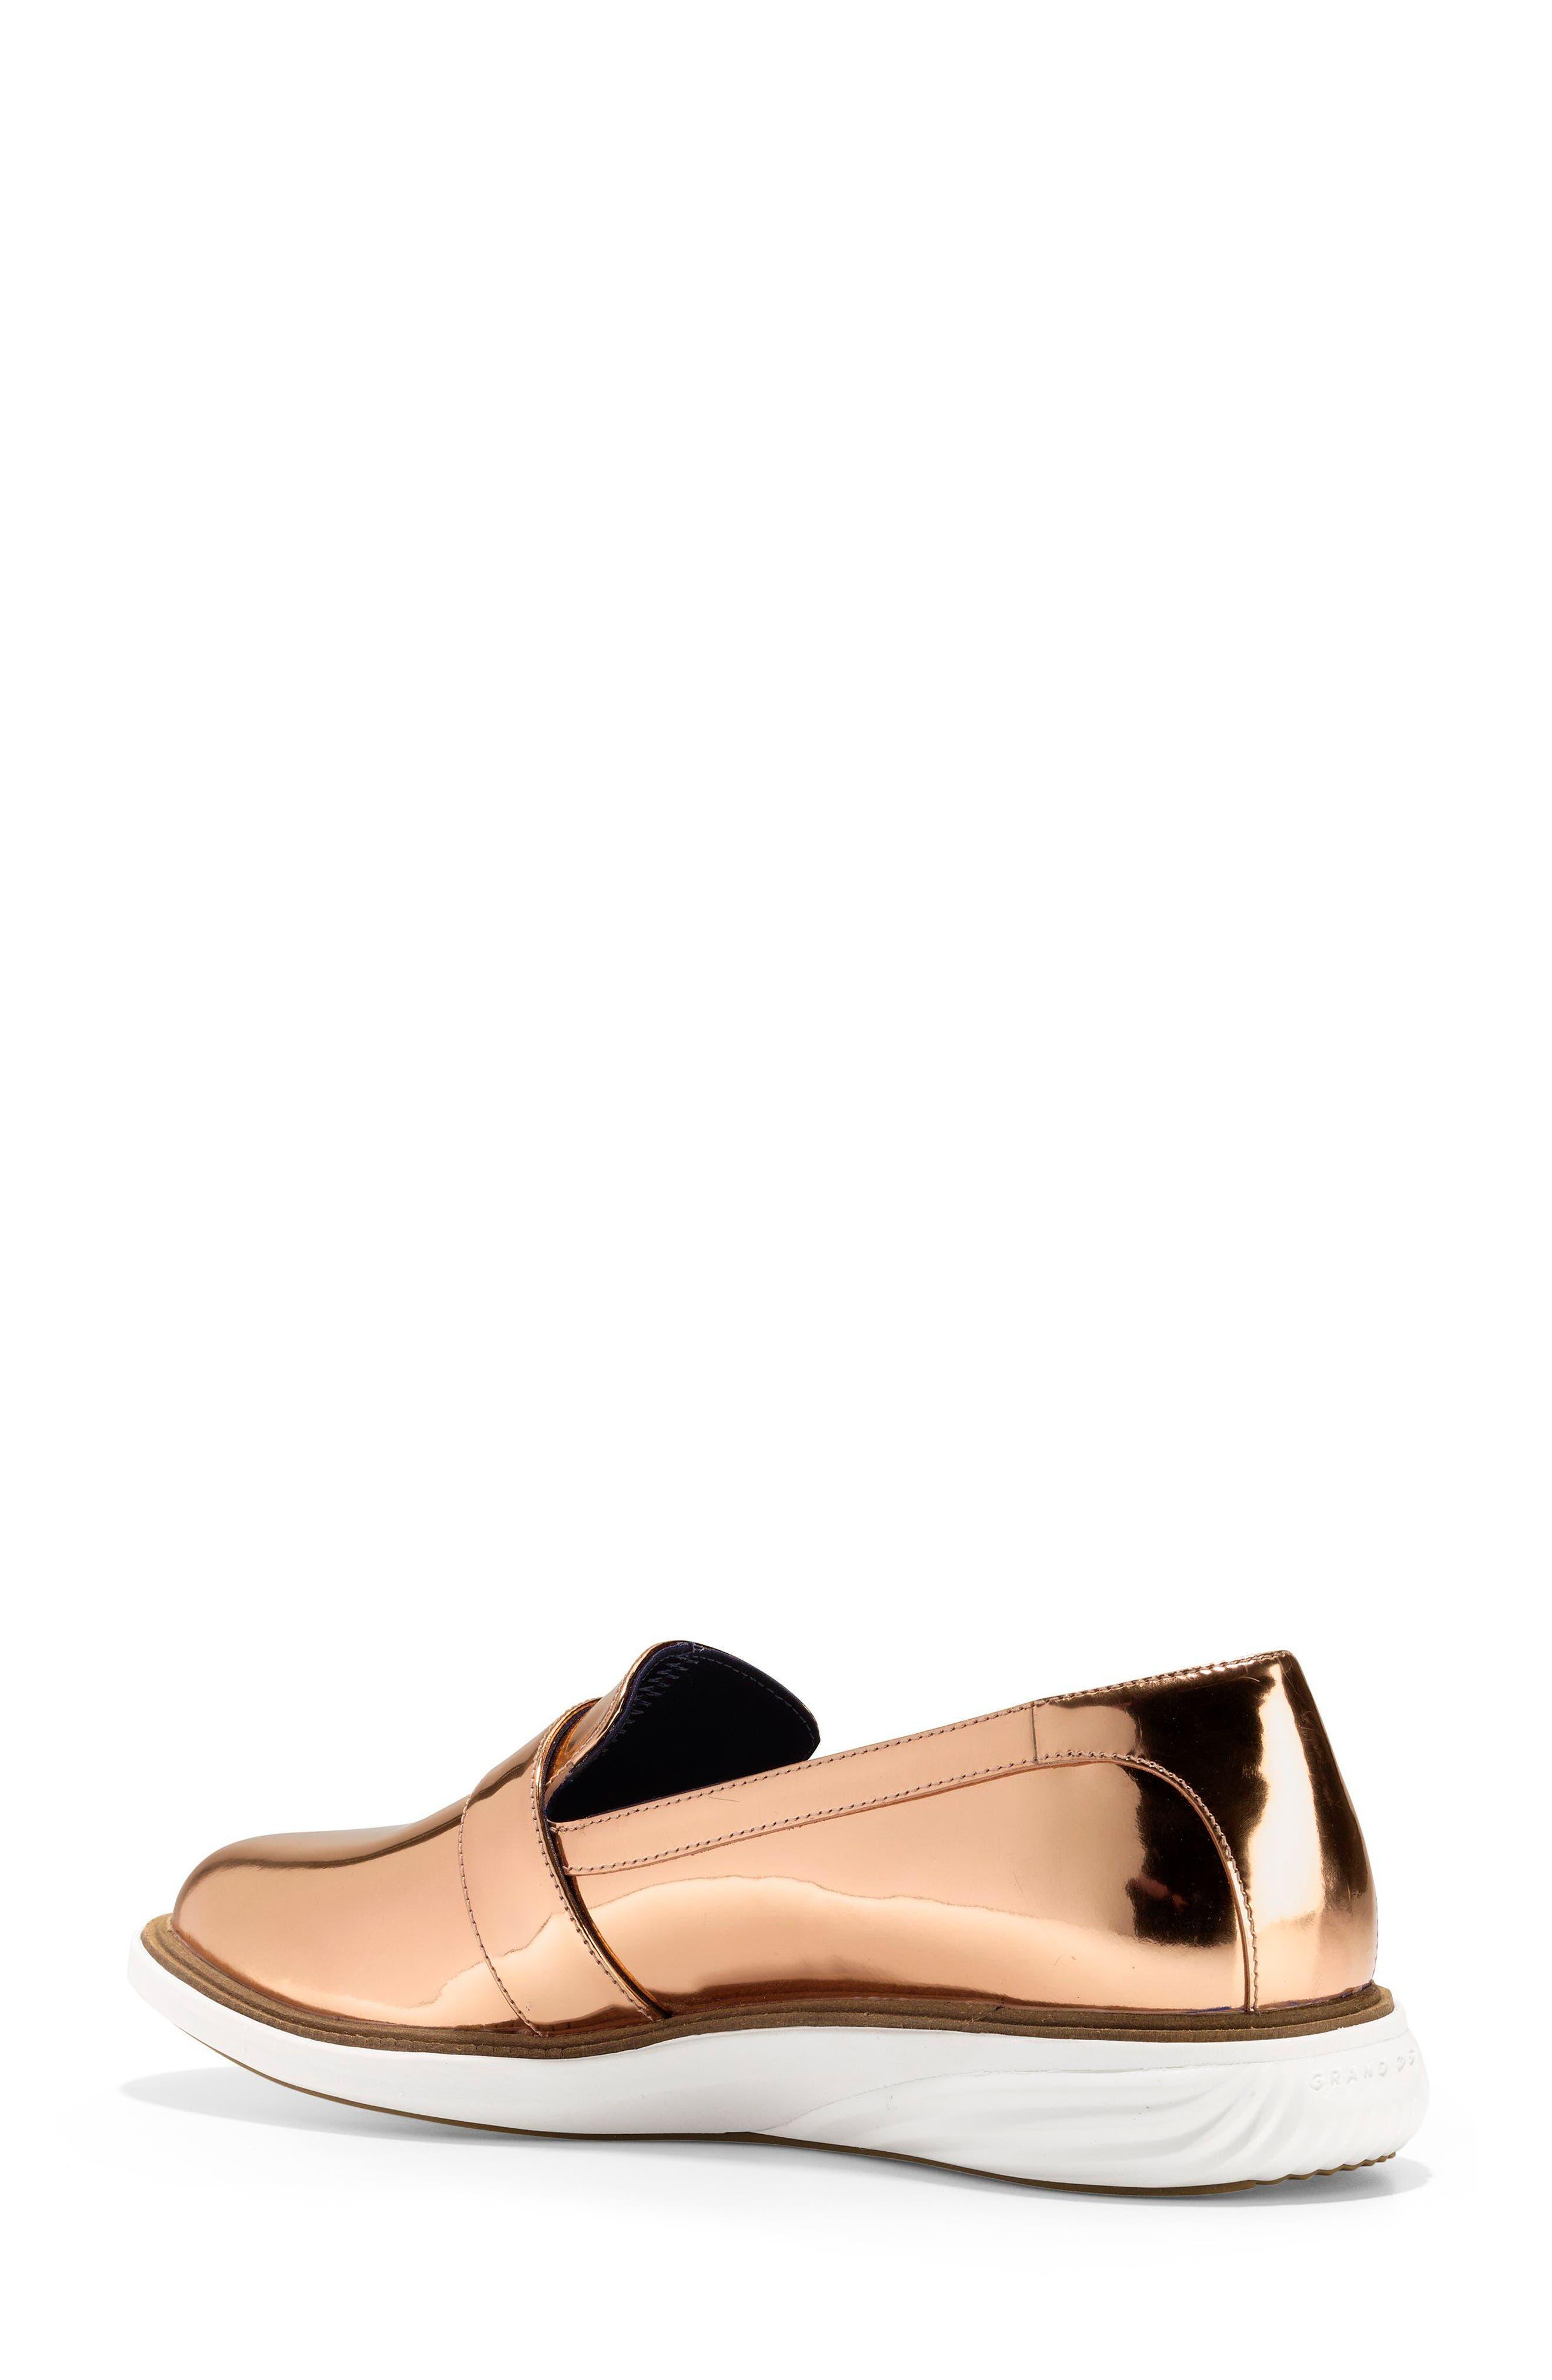 GrandEvolution Sneaker,                             Alternate thumbnail 2, color,                             Rose Gold Leather